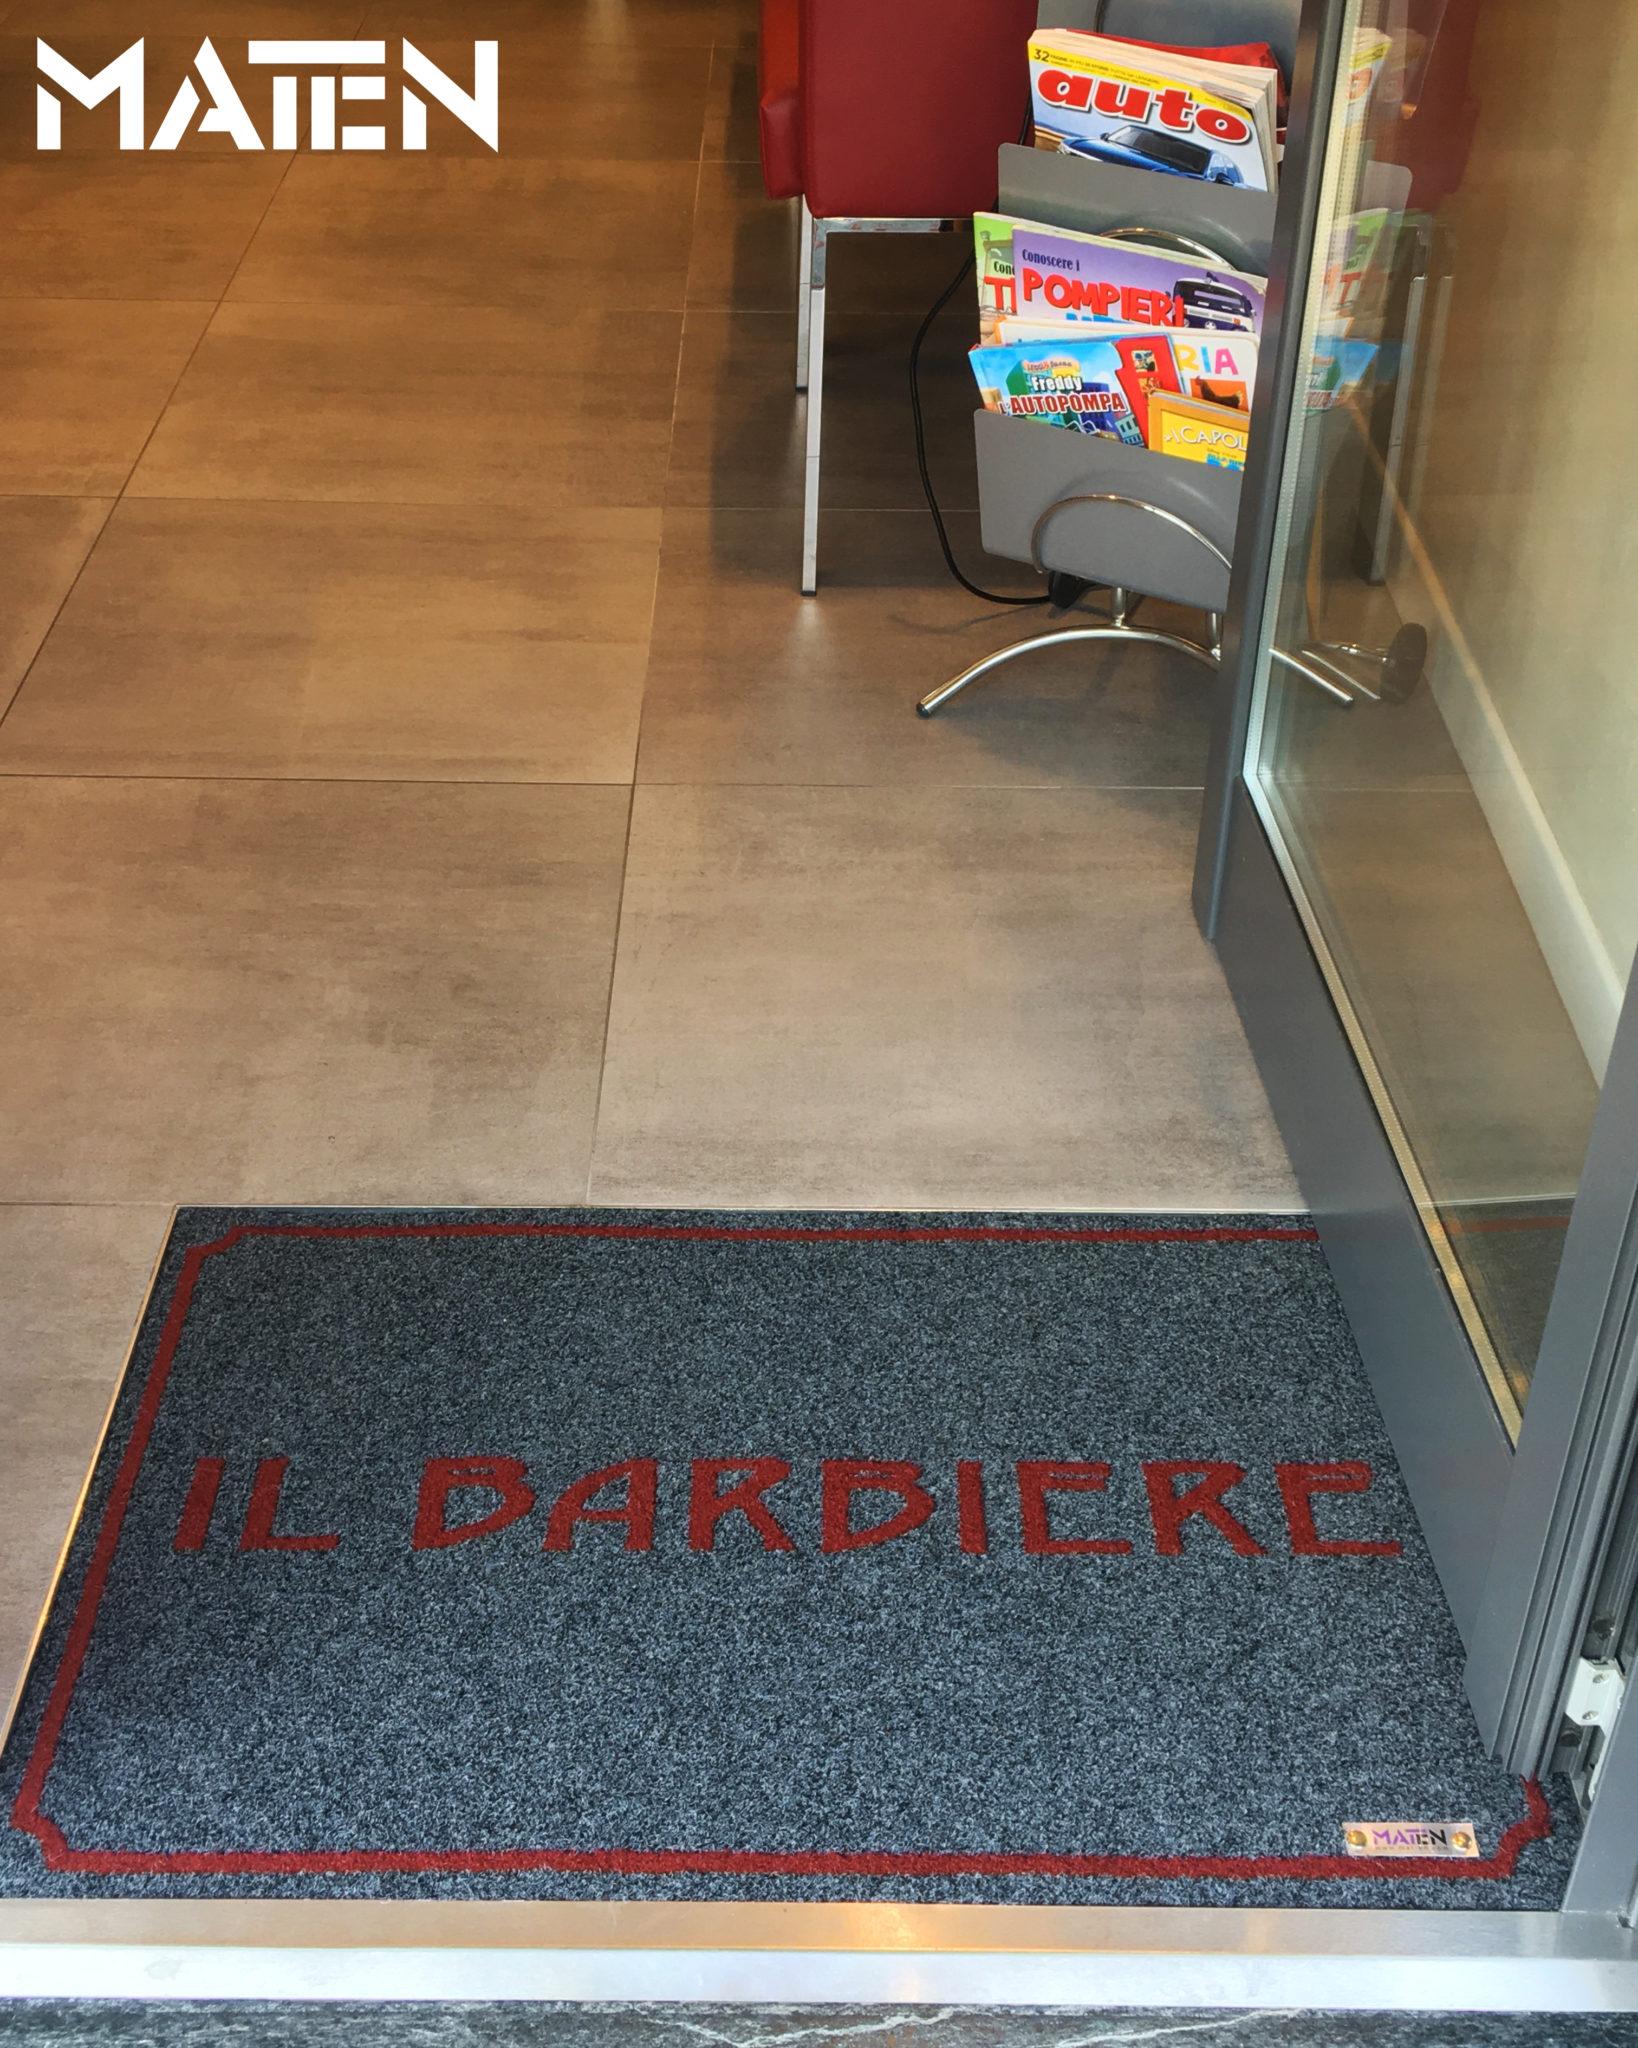 Vendita Tappeti A Milano tappeto intarsiato scritta e cornice mat.en milano provincia